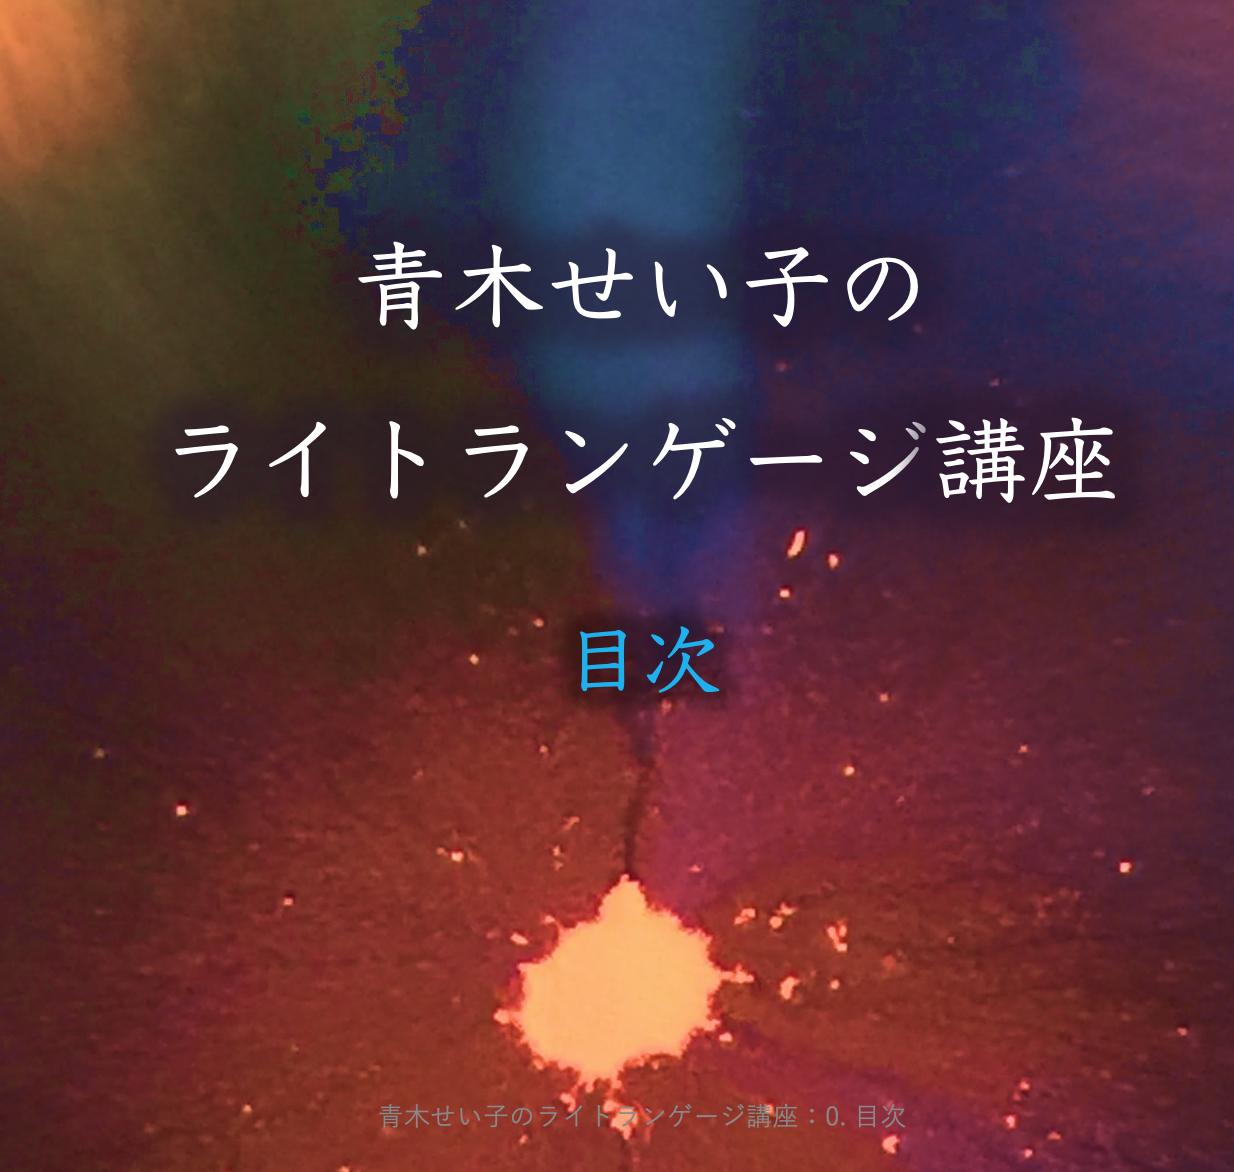 ライトランゲージ講座目次完成!Seiko in M 多次元人生を創造しよう!